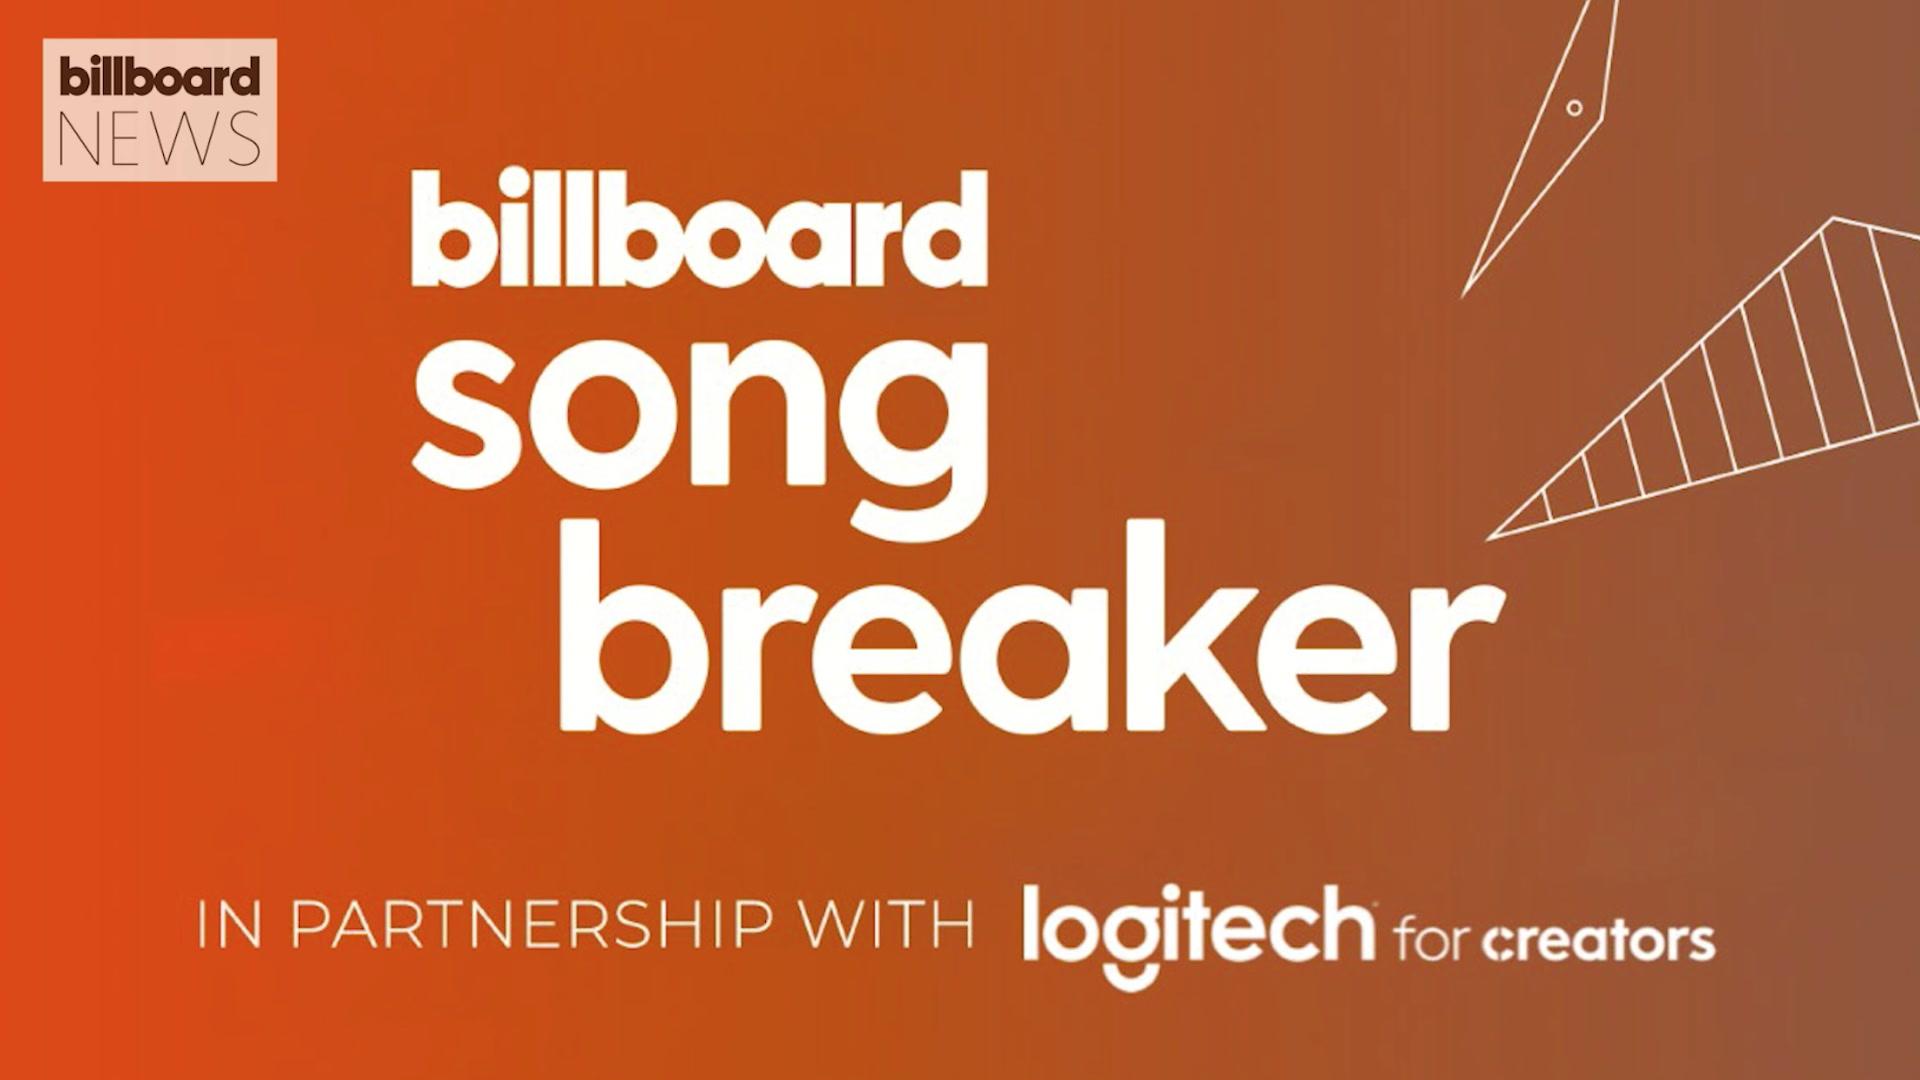 Billboard и Logitech запускают первый в мире чарт музыкальных инфлюенсеров